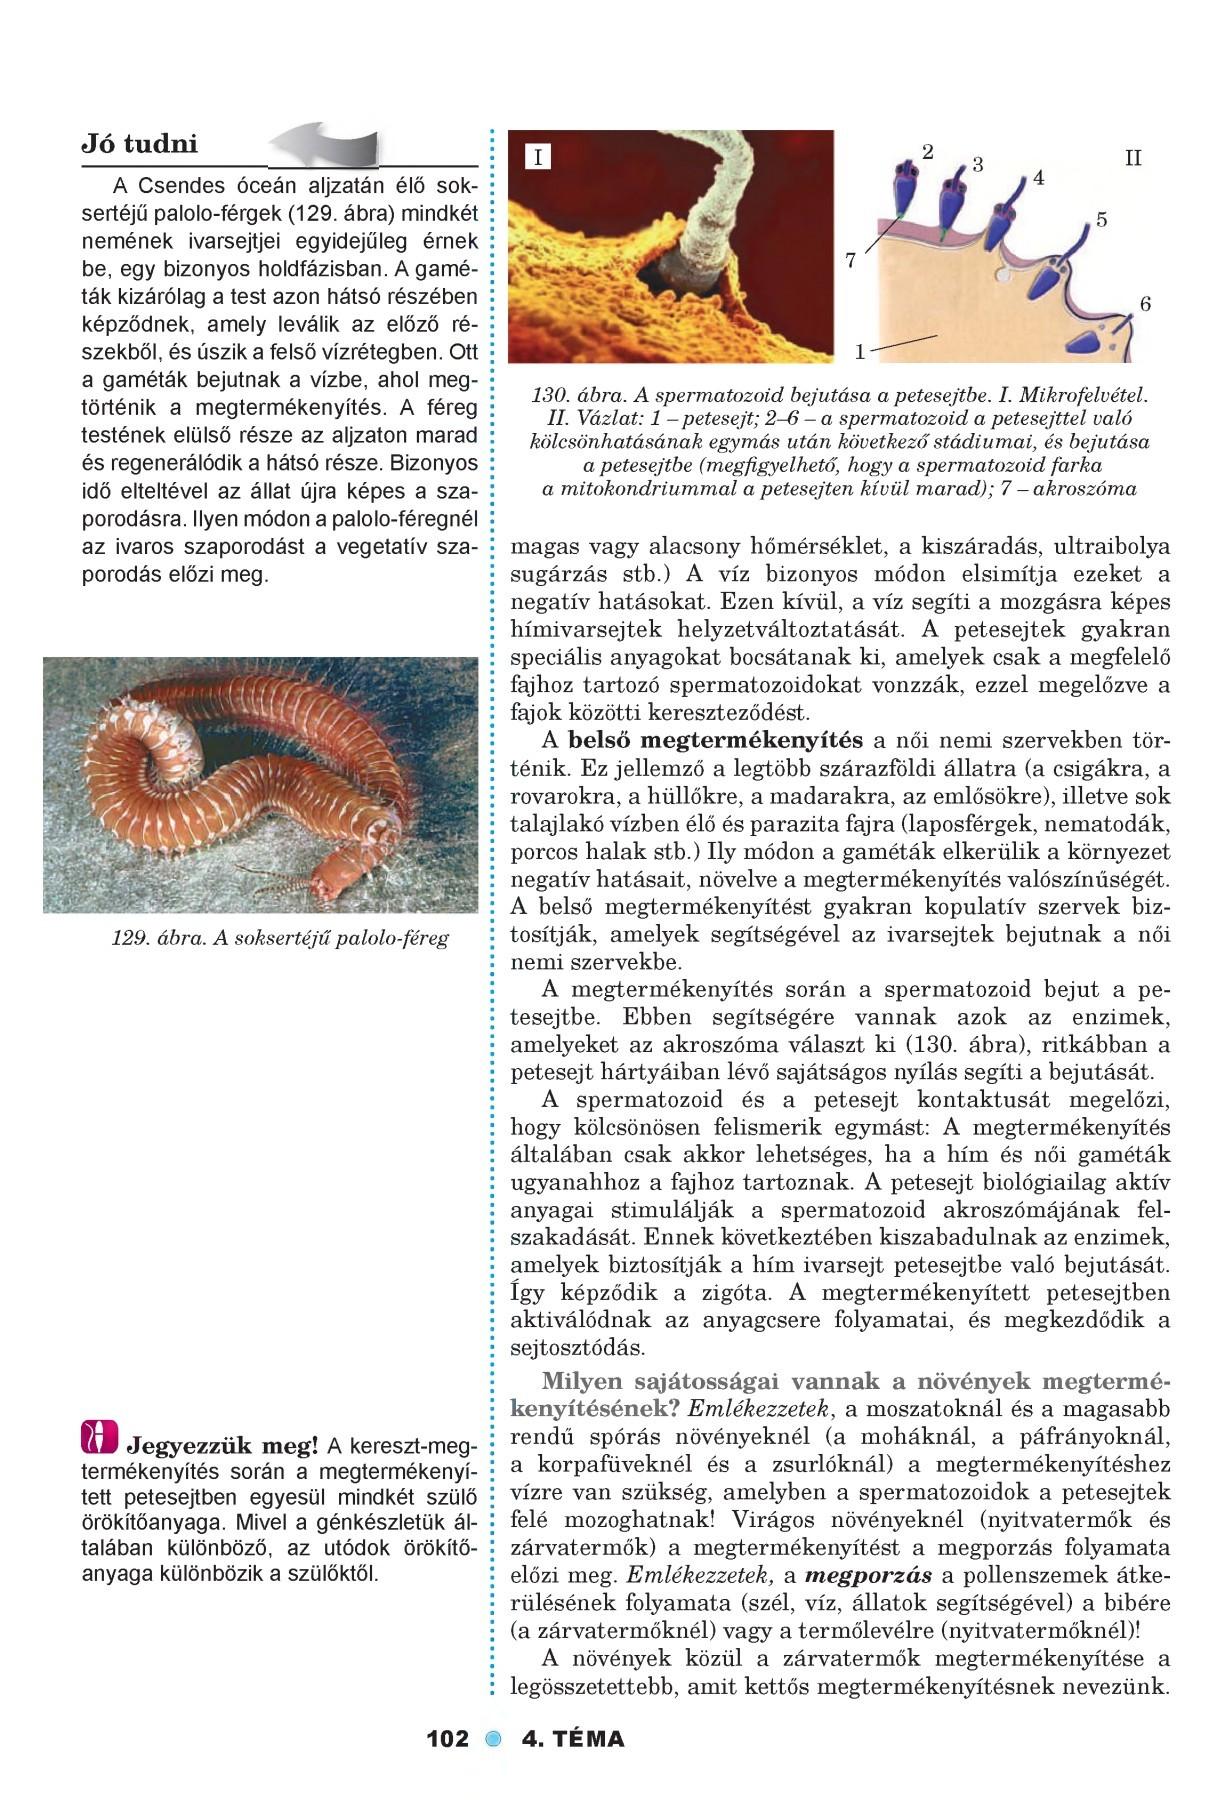 A féreg petesejtek tünetei, Bélférgesség tünetei és kezelése - Petesejt és parazita képek